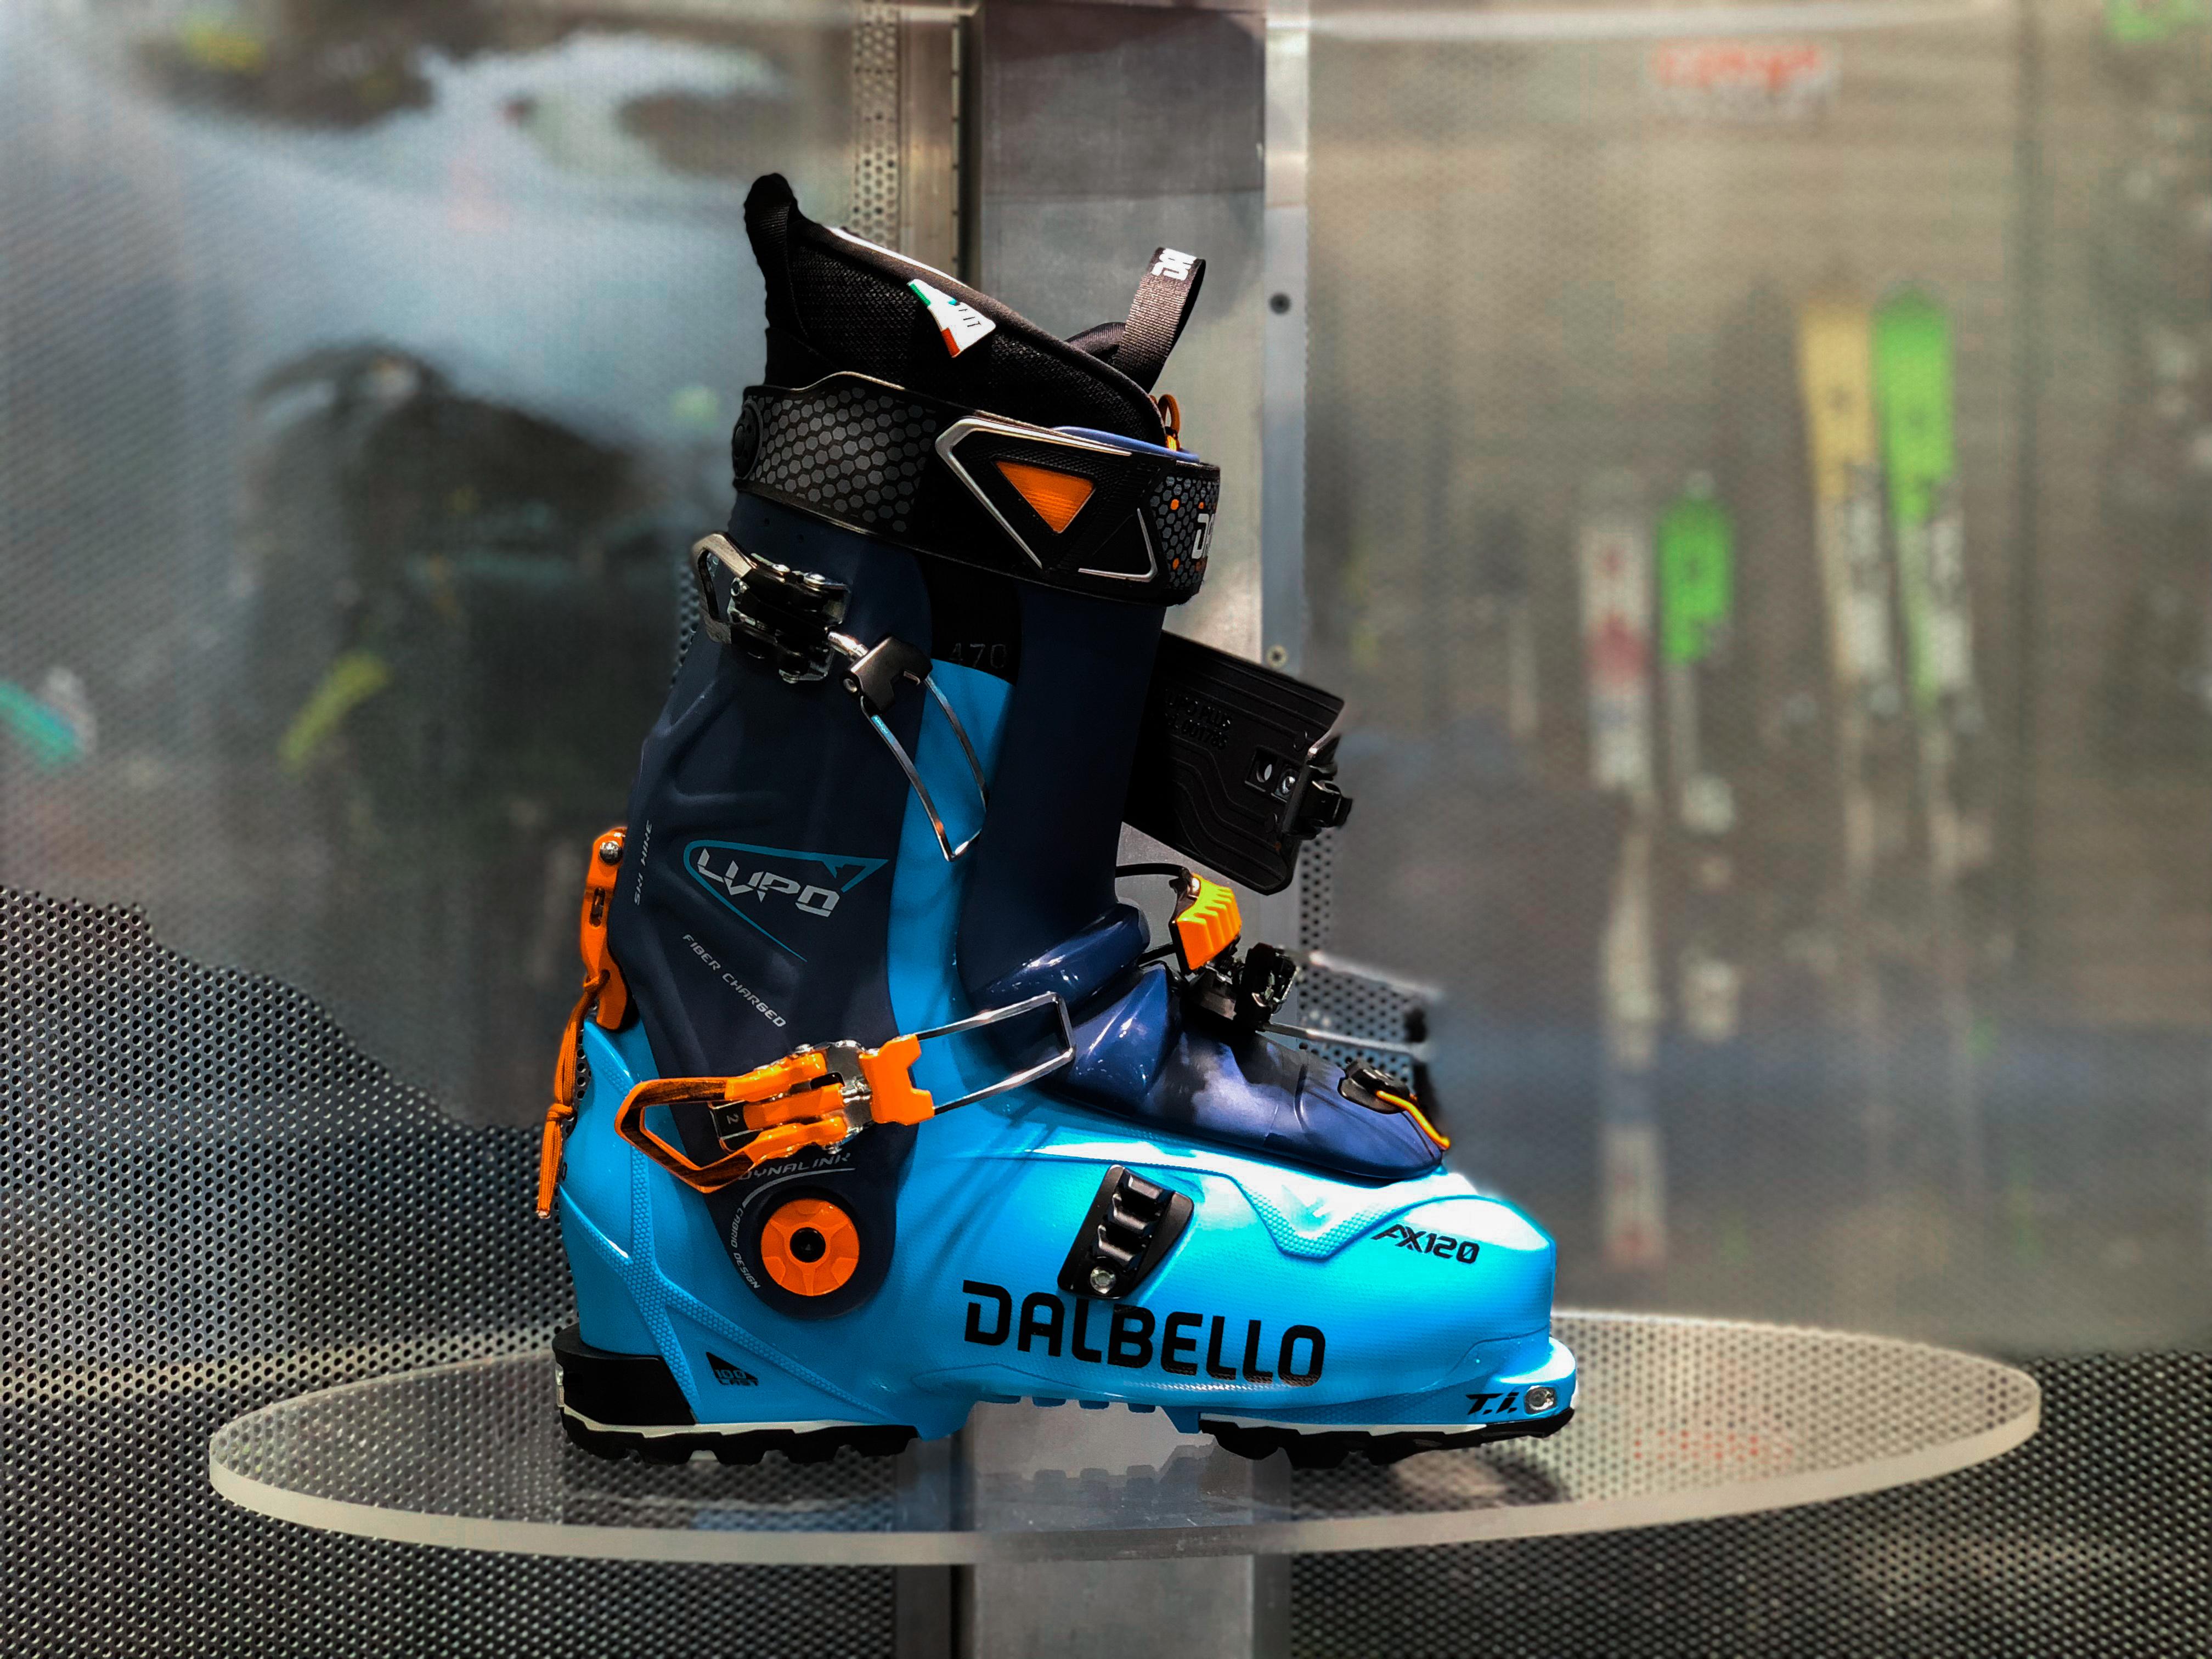 Dalbello Boots Lupo Ax 120 Ski Gear 2019 Newschoolers Com